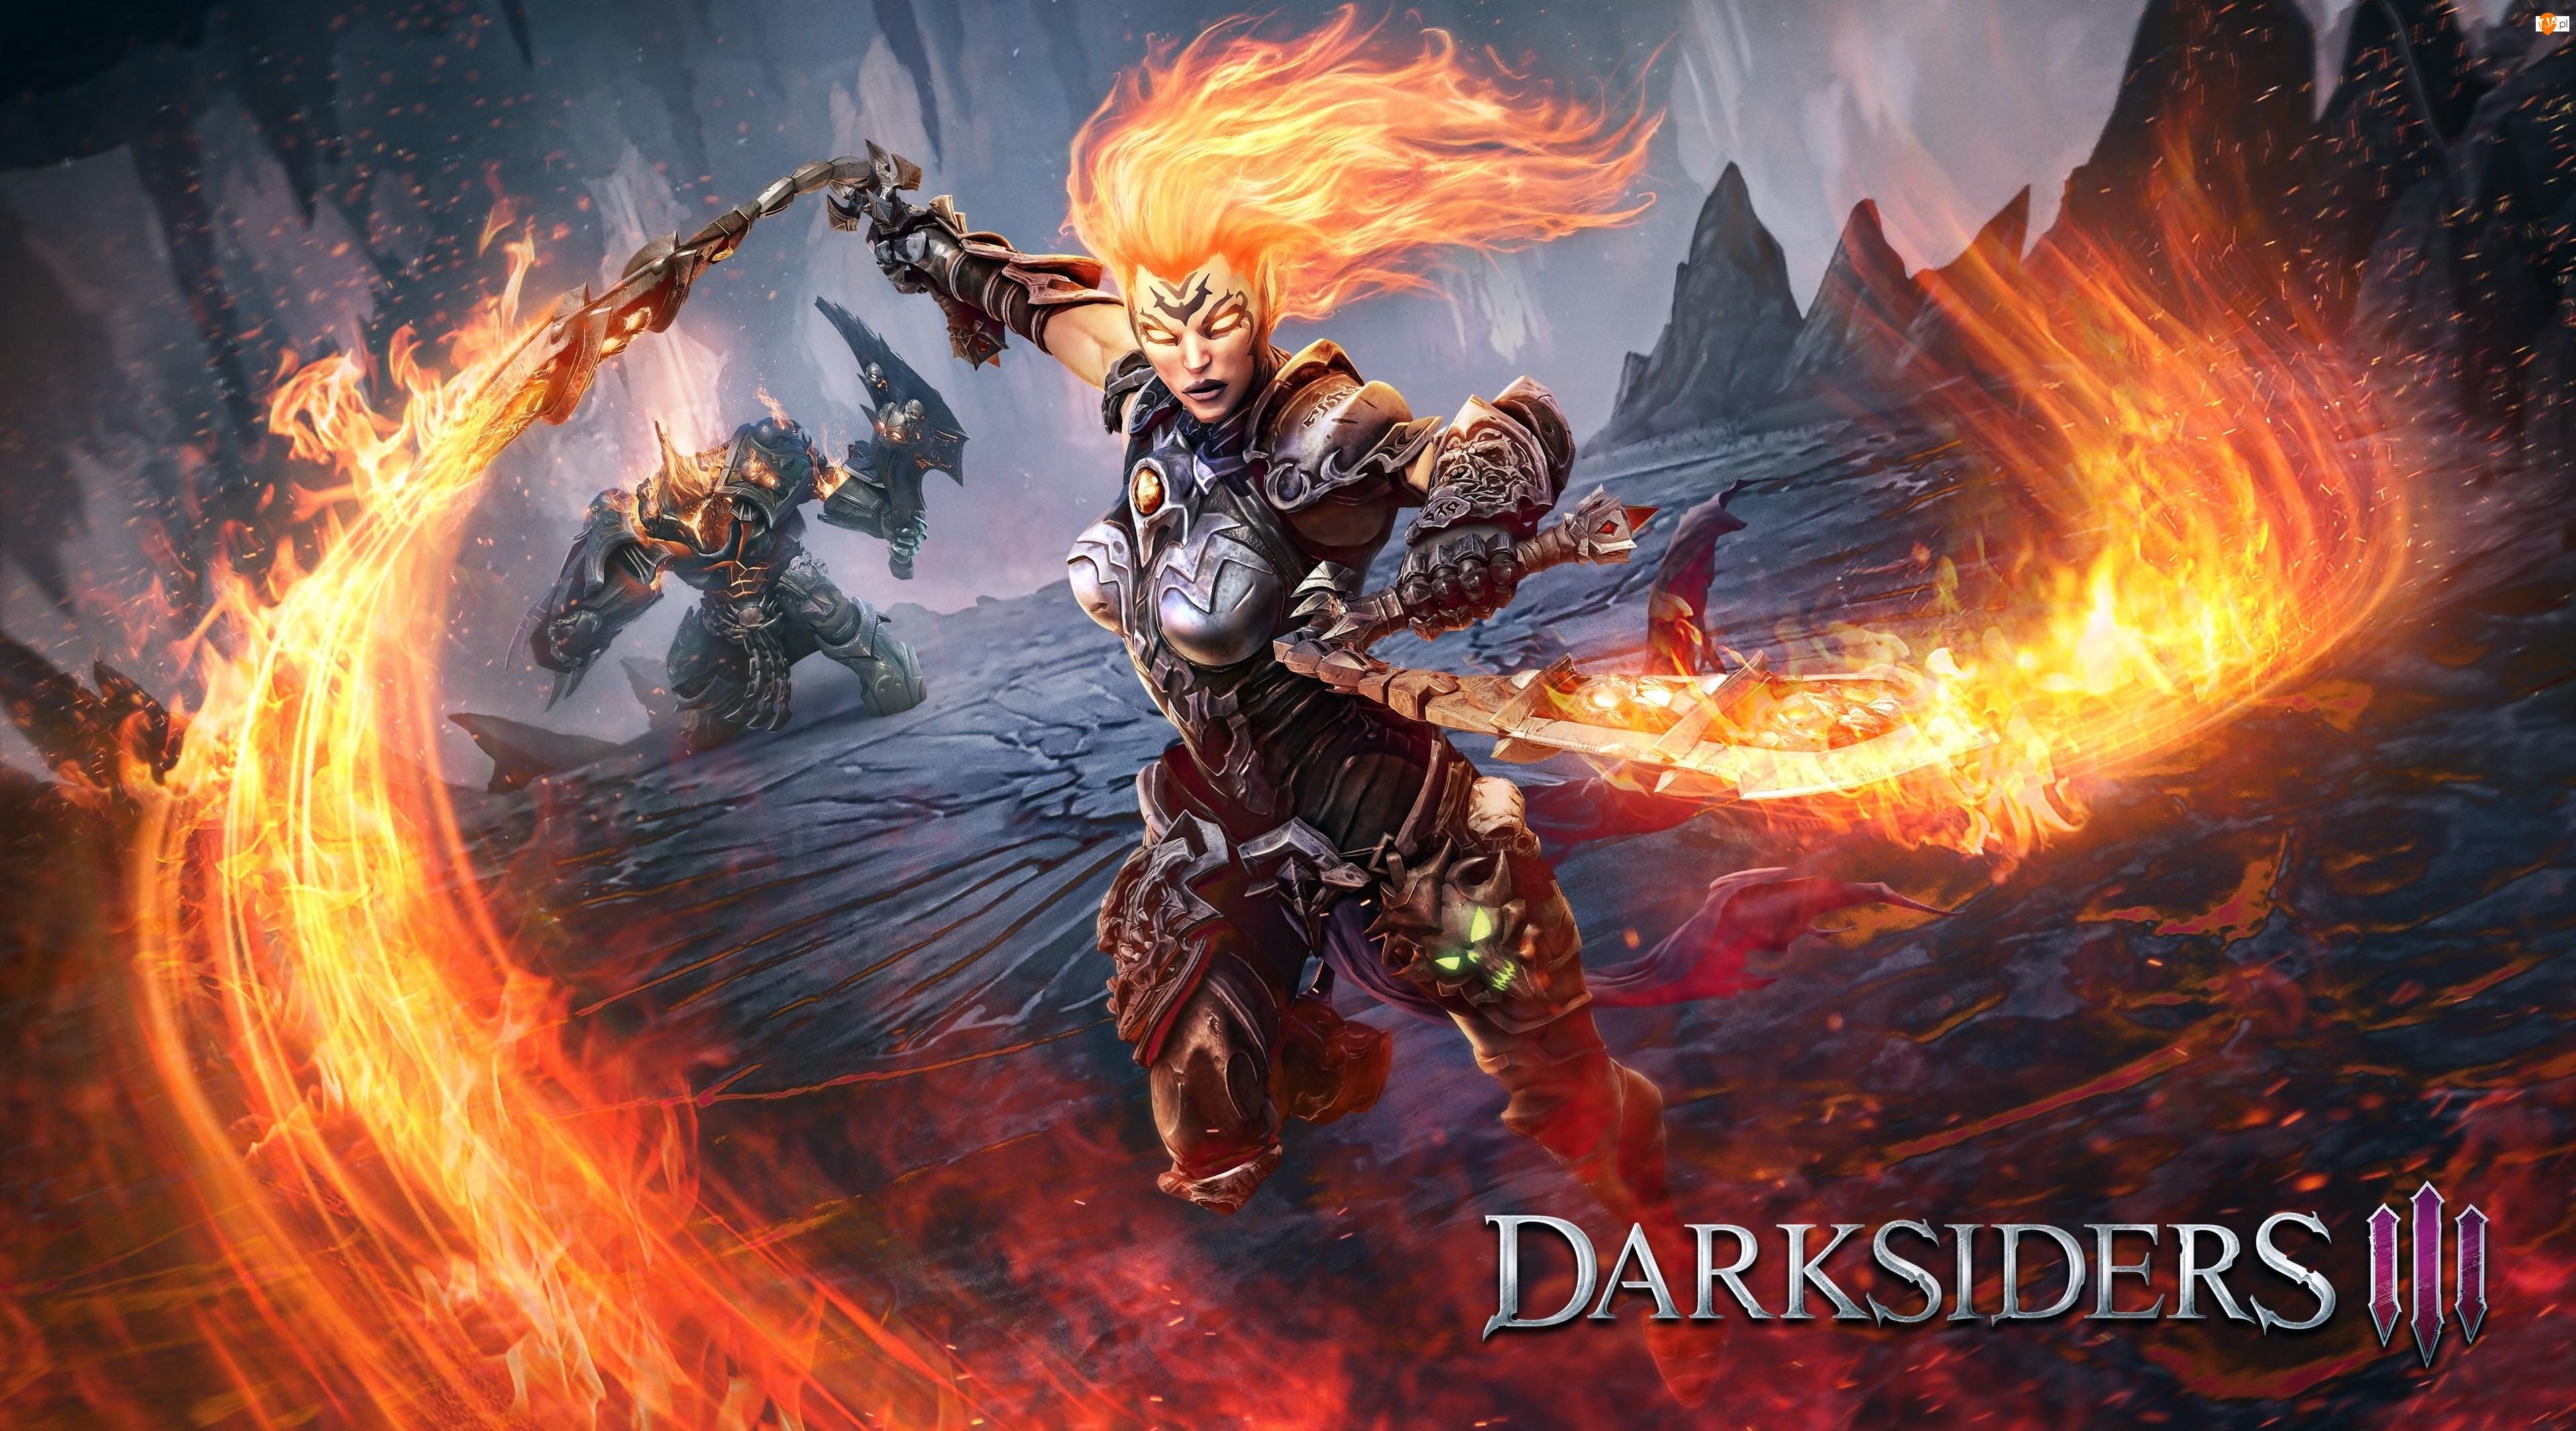 Darksiders 3, Gra, Furia, Jeździec Apokalipsy, Postać, Fury